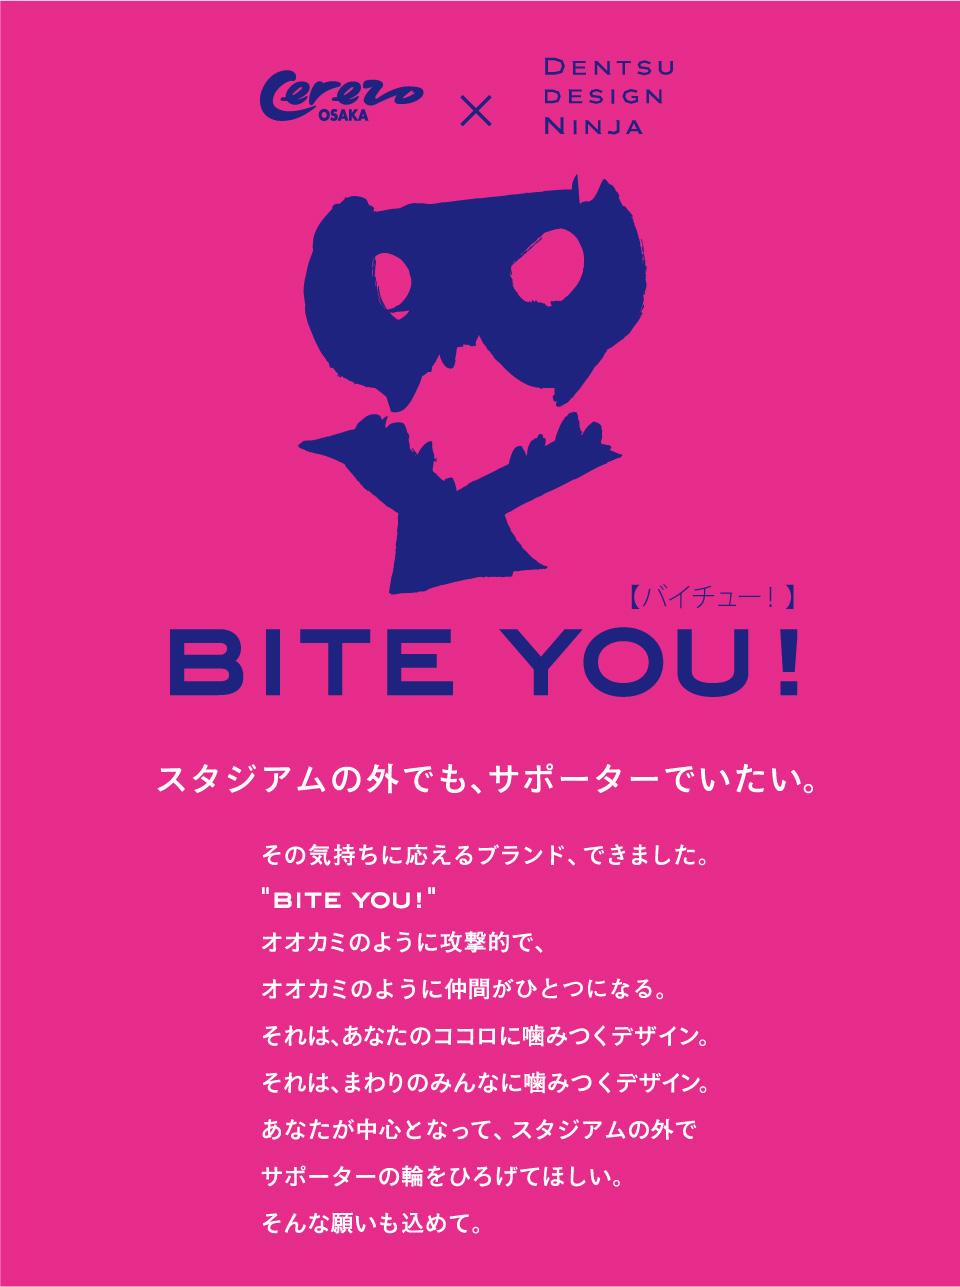 BITE YOU!